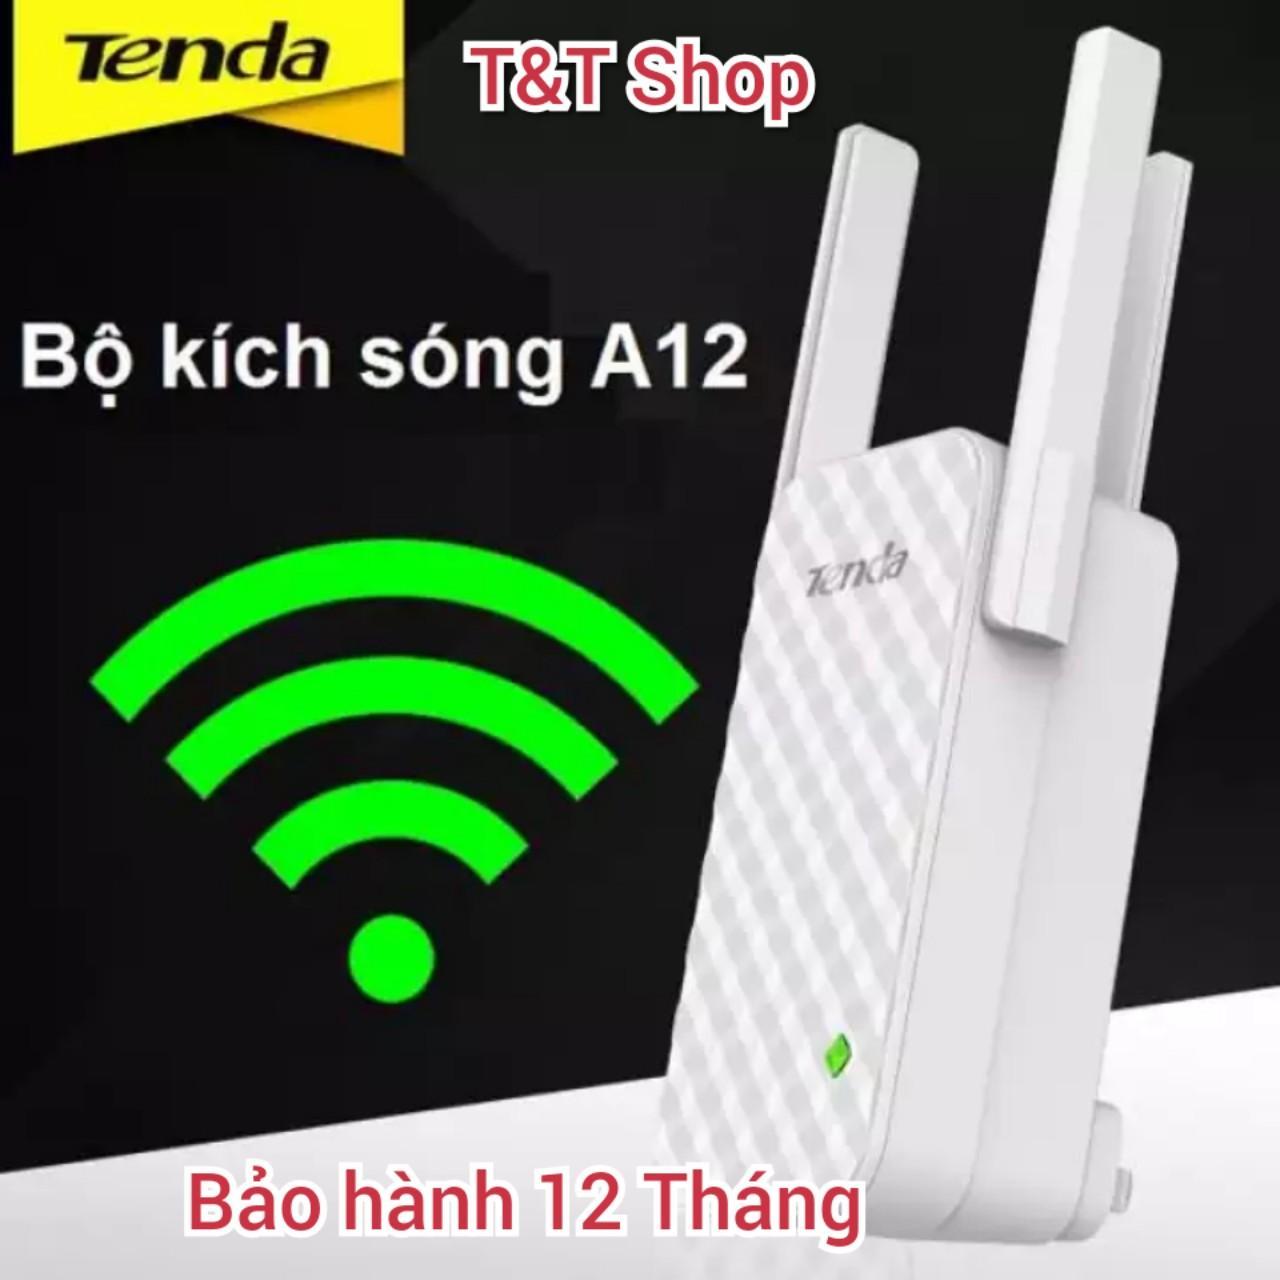 Giá Bộ kích sóng, nối sóng Wifi Tenda A12 3Râu phiên bản mới nhất 2020 ( Bản Nâng cấp của Tenda A9) xuyên tường